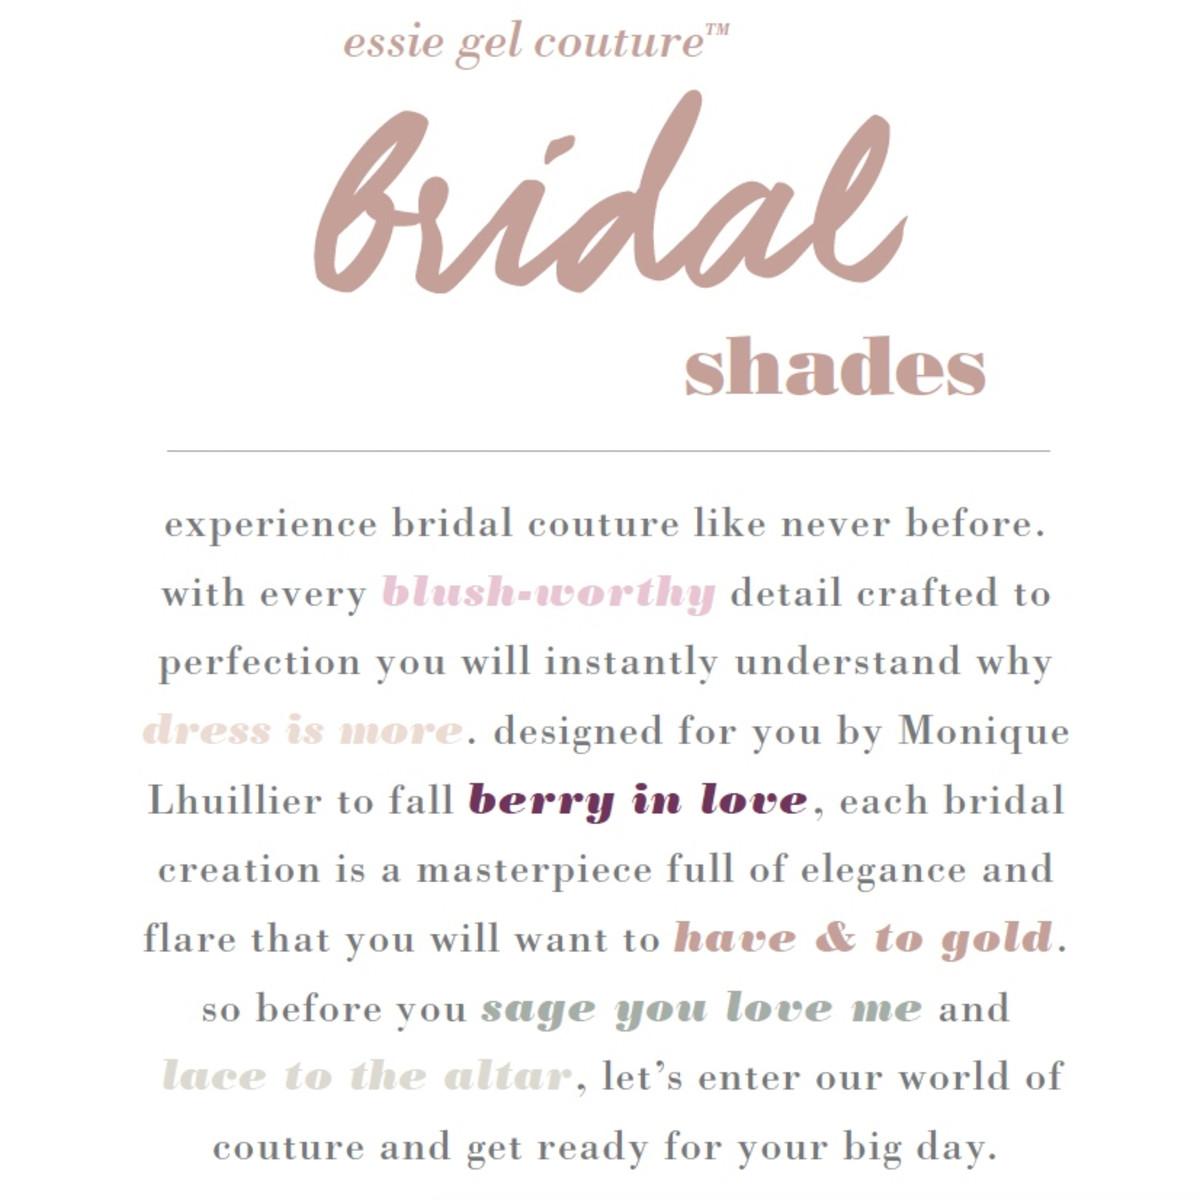 Essie Bridal 2017 (image: essie.ca)